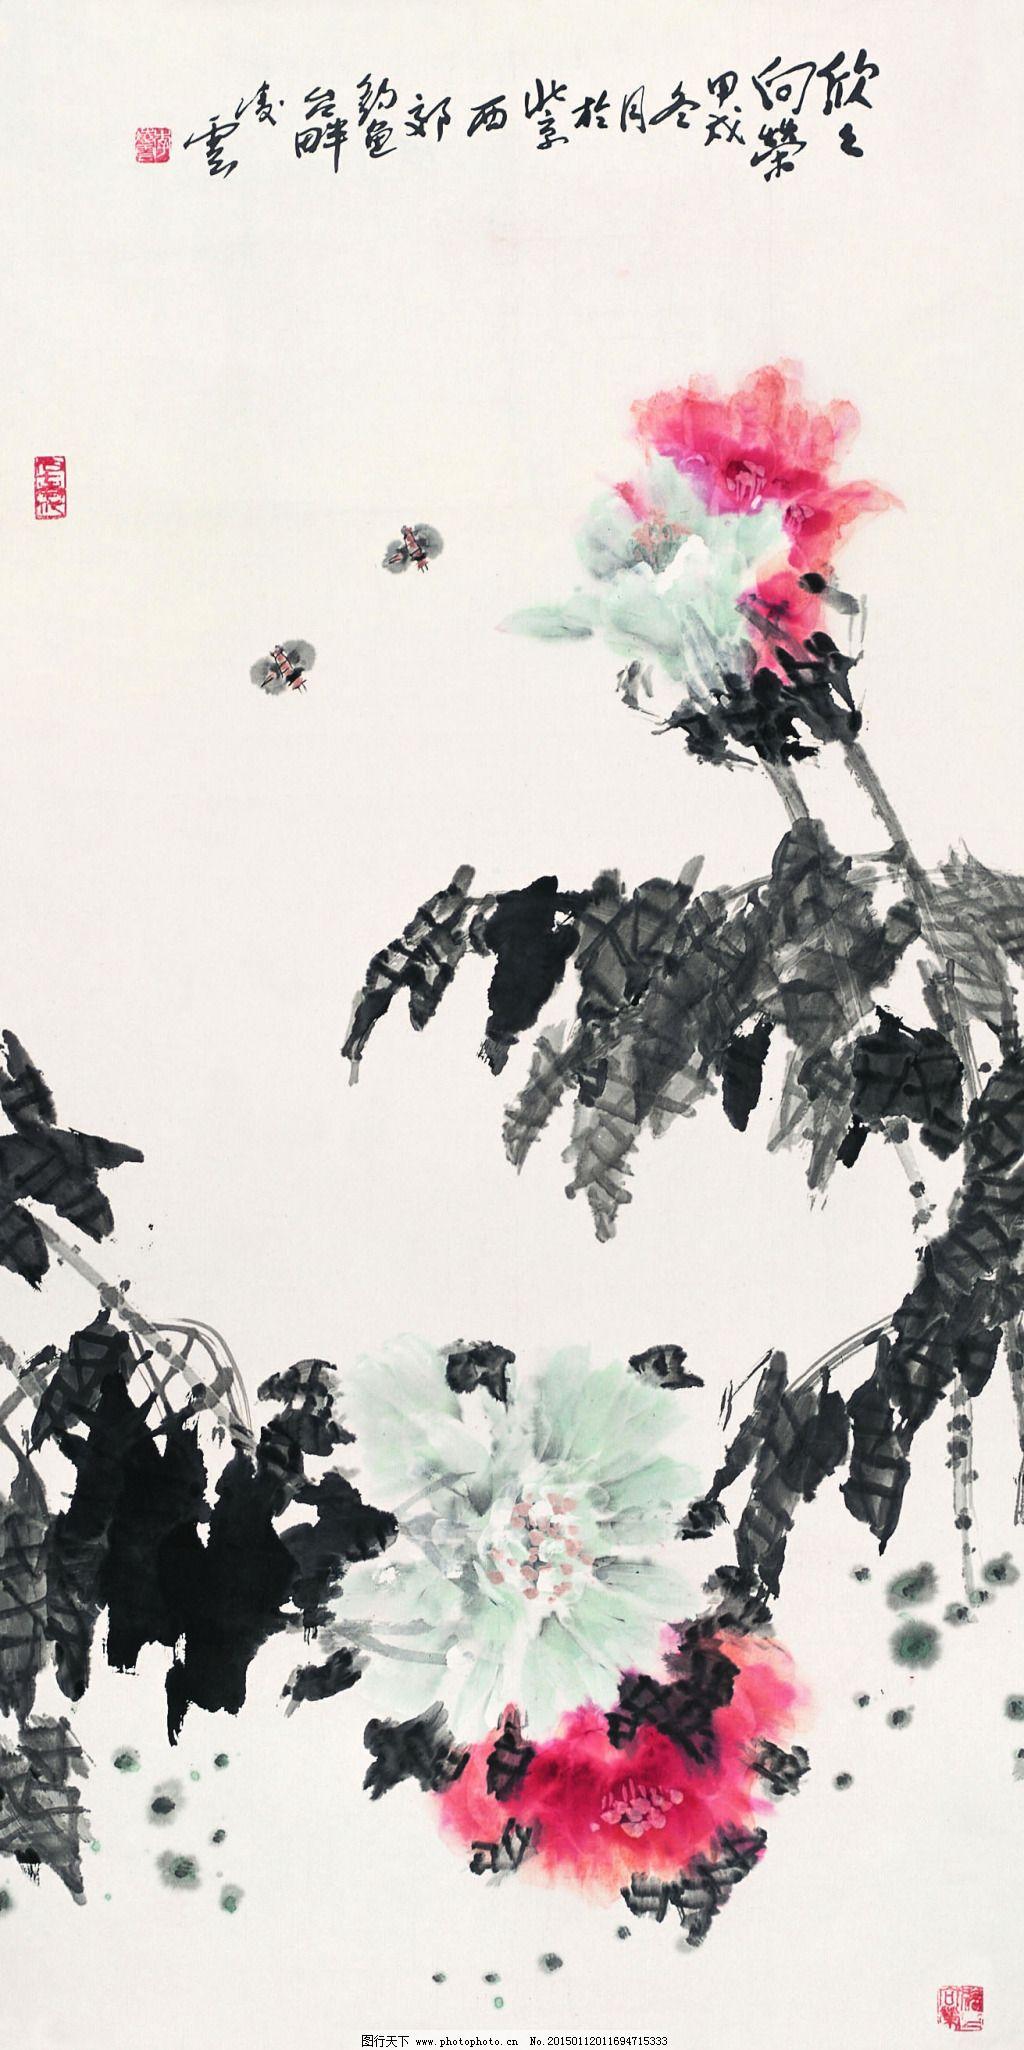 欣欣向荣 欣欣向荣免费下载 刺绣 蜜蜂 写意花卉 中国画 镜心